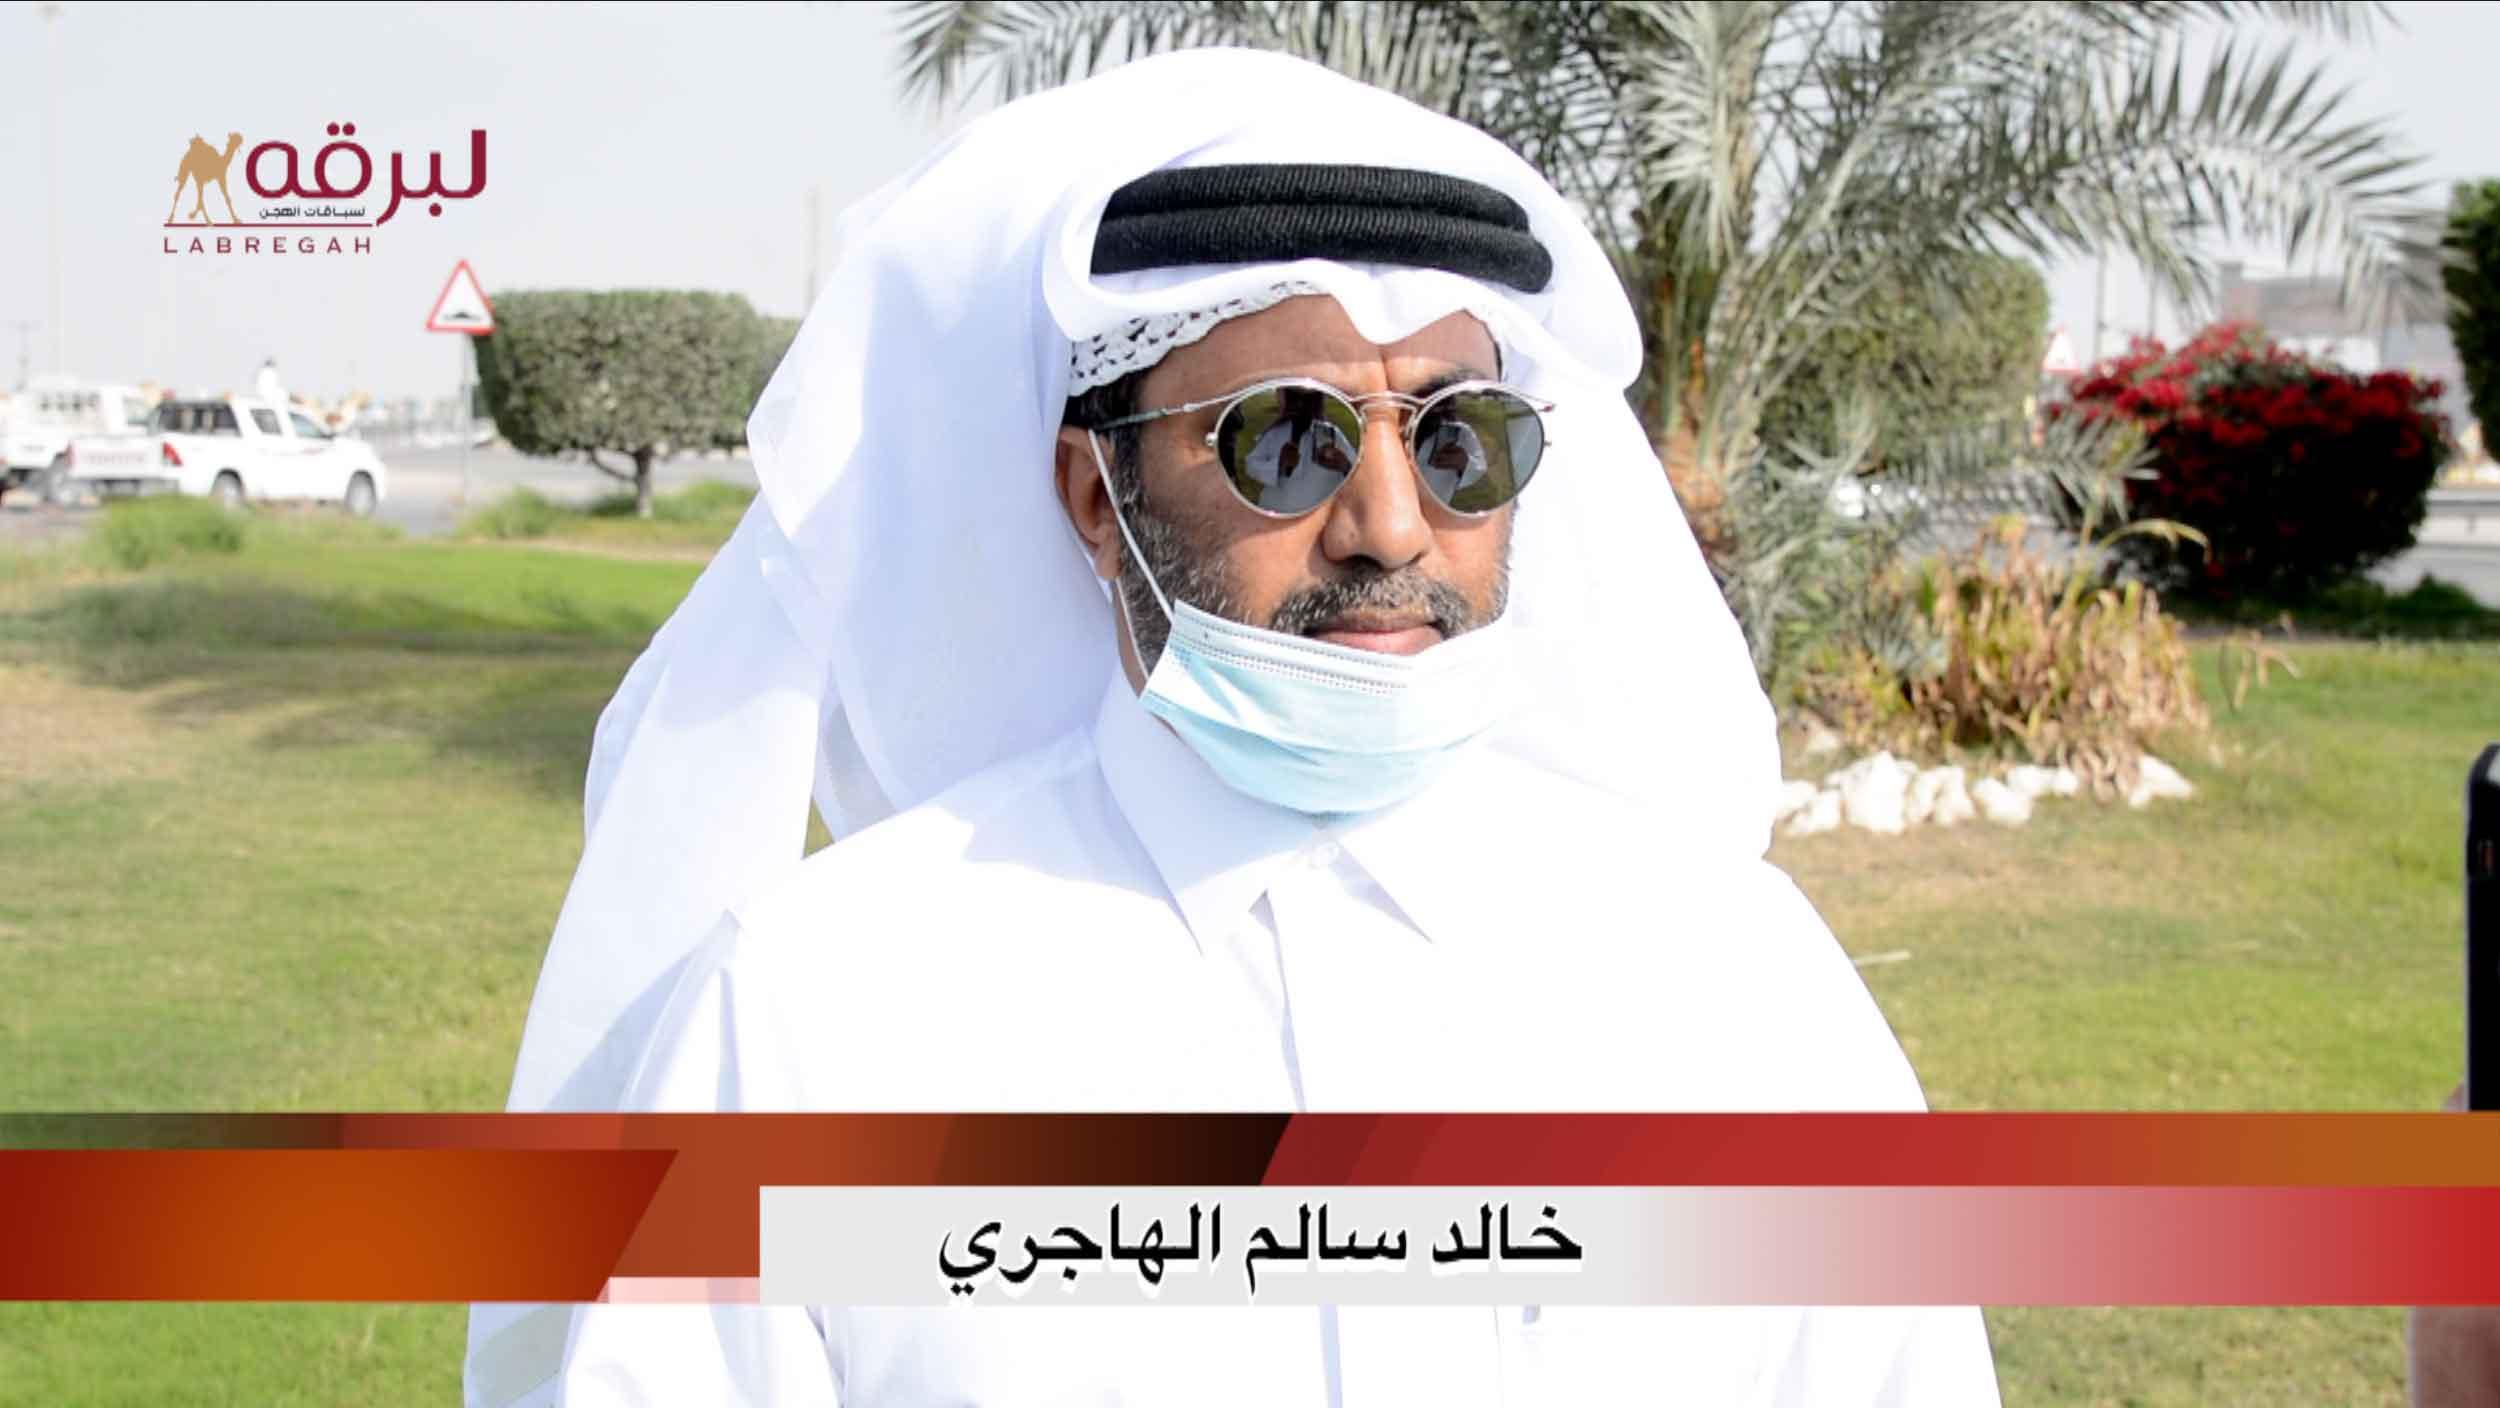 لقاء مع خالد سالم الهاجري.. الشوط الرئيسي للثنايا قعدان « إنتاج » الأشواط العامة  ٤-٣-٢٠٢١